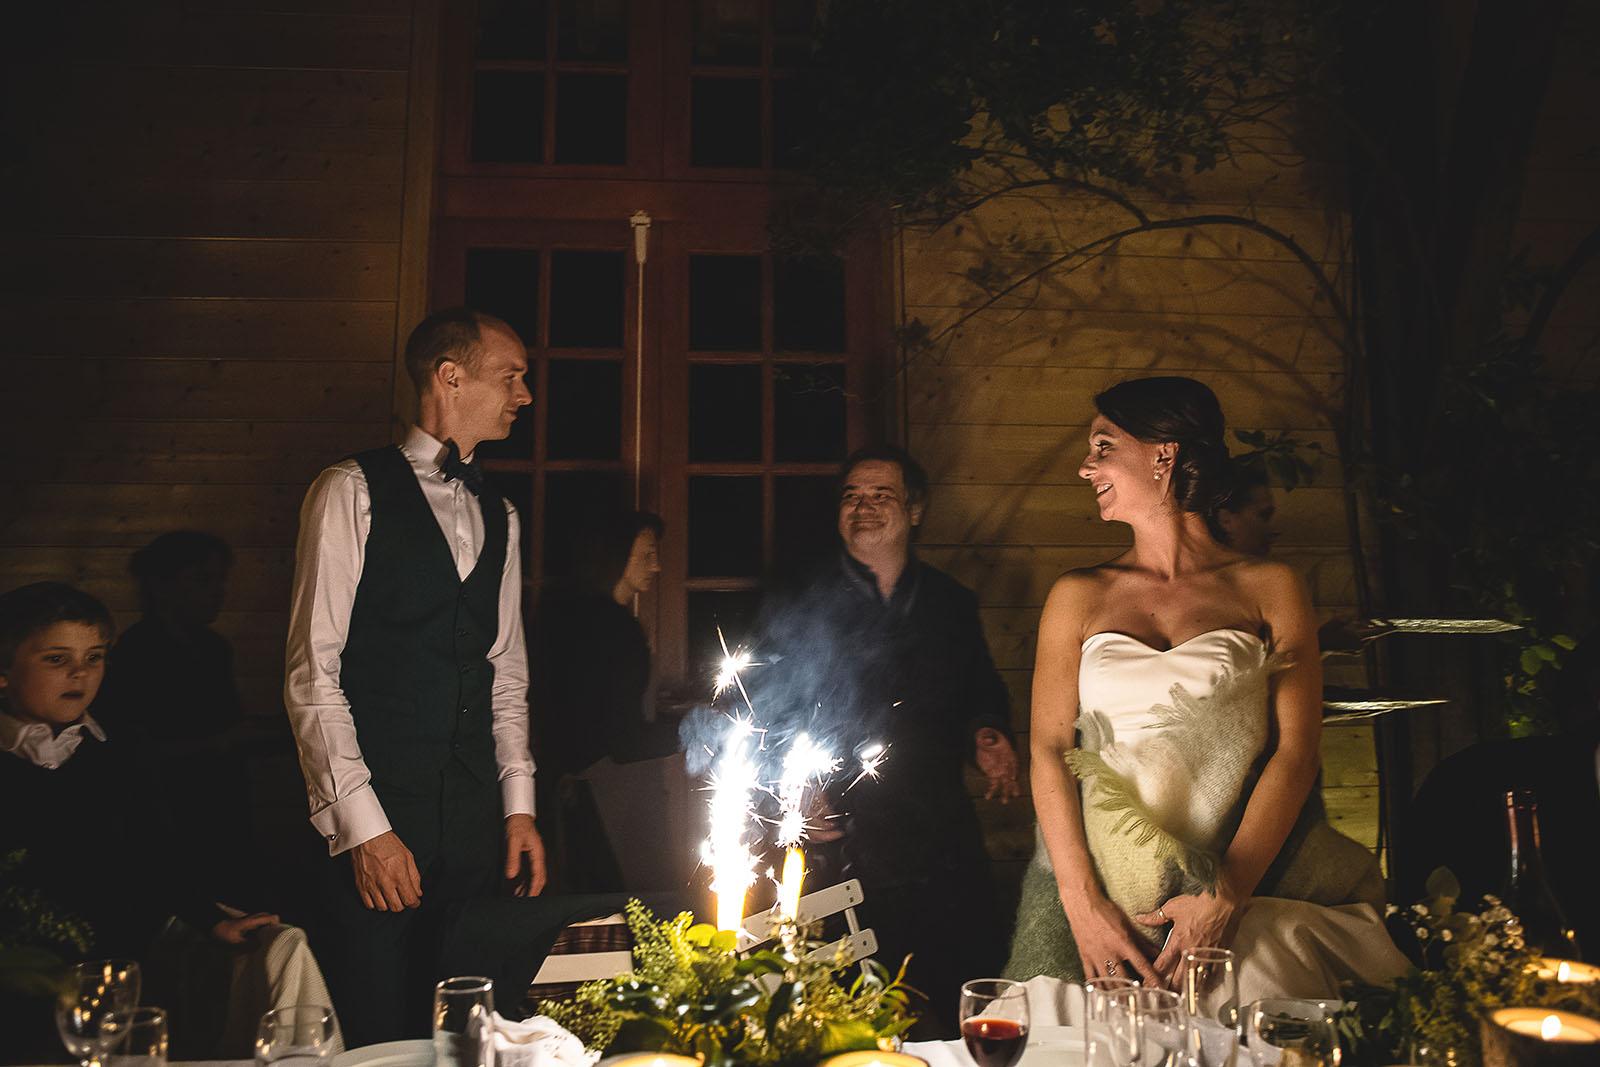 Mariage Manoir des Prévanches. David Pommier photographe de mariage. Les mariés devant le gâteau